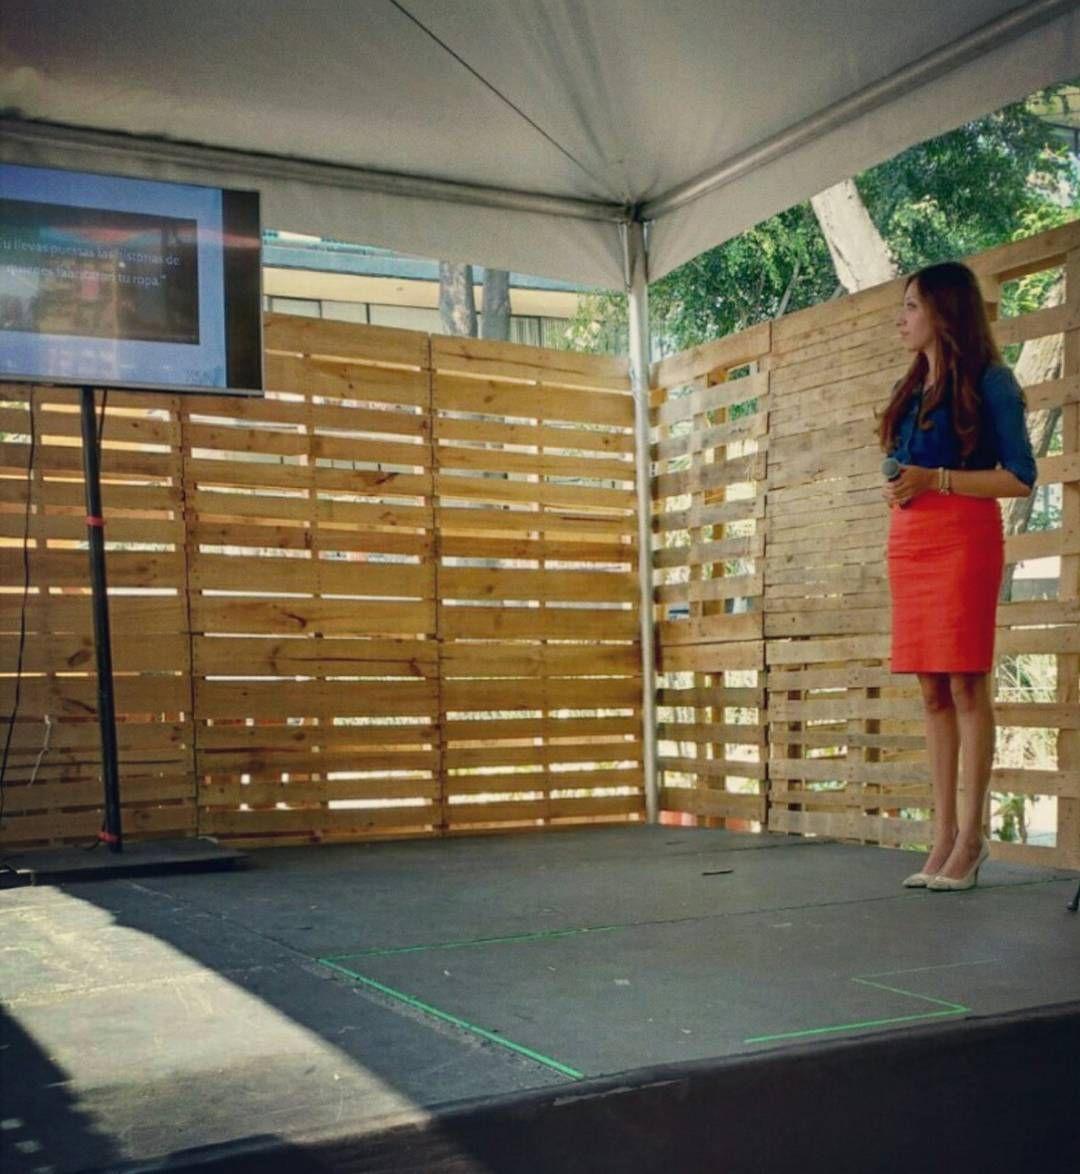 Iniciando Conferencia 'Ética ambiental en Moda y Boda' que impartimos Green Weddings Mexico y @ethicalfashionspace el día de ayer en el Marco de EcoFest 2016. Fotografía: Magdiel Díaz  At the begging of the Conference 'Ethics